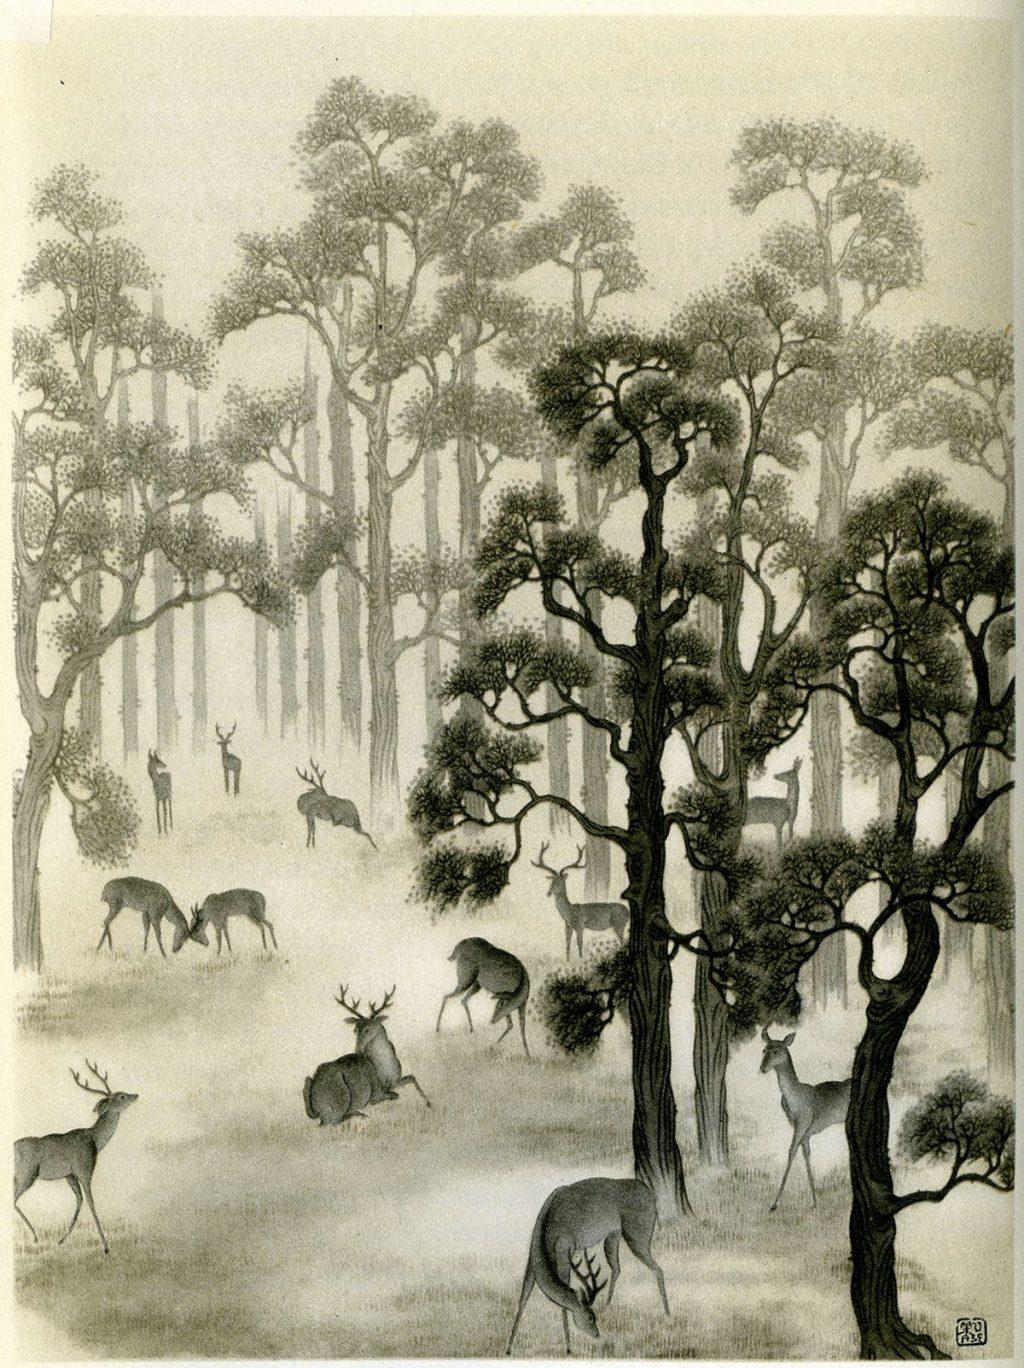 Deer in Richmond Park, 1938, encre sur papier, Chiang Yee